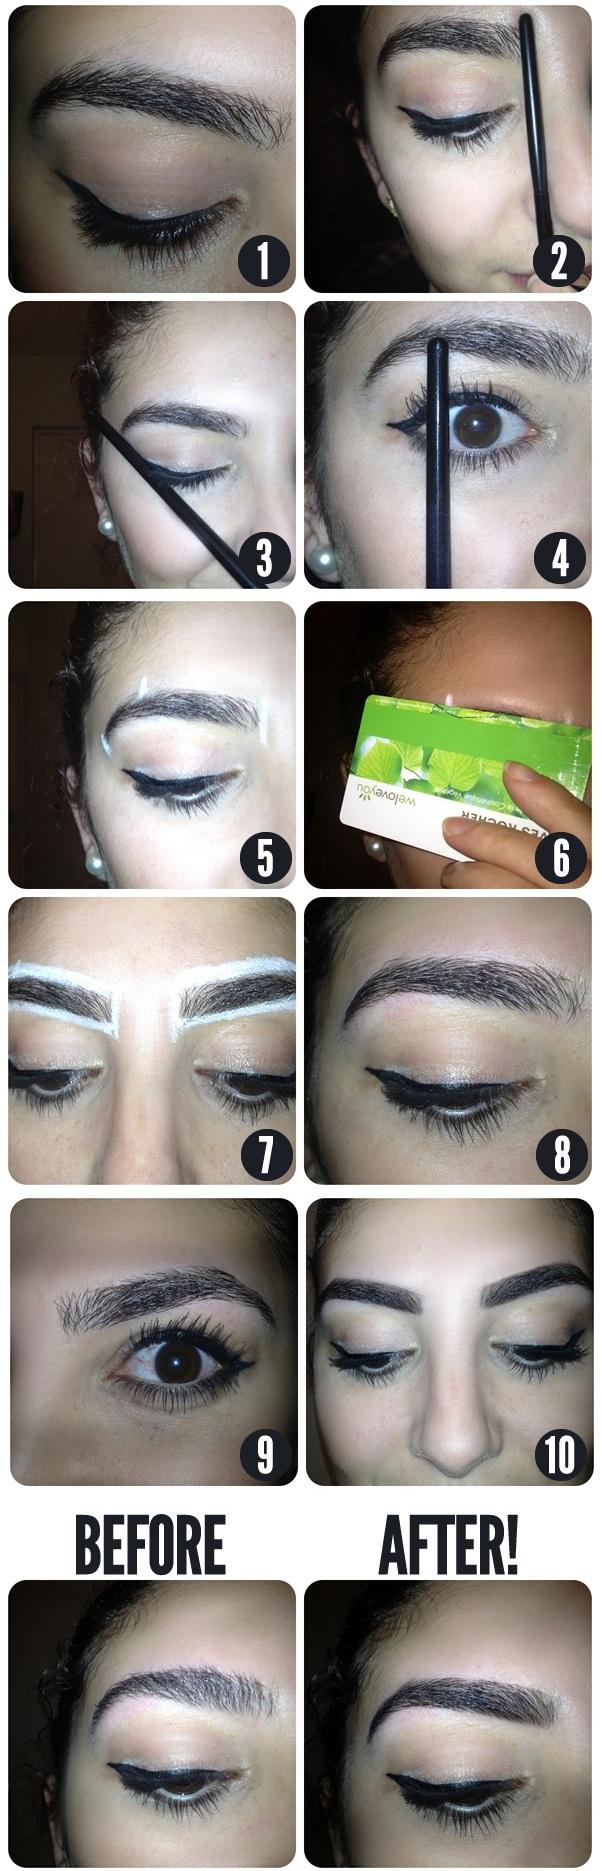 eyebrows-tips